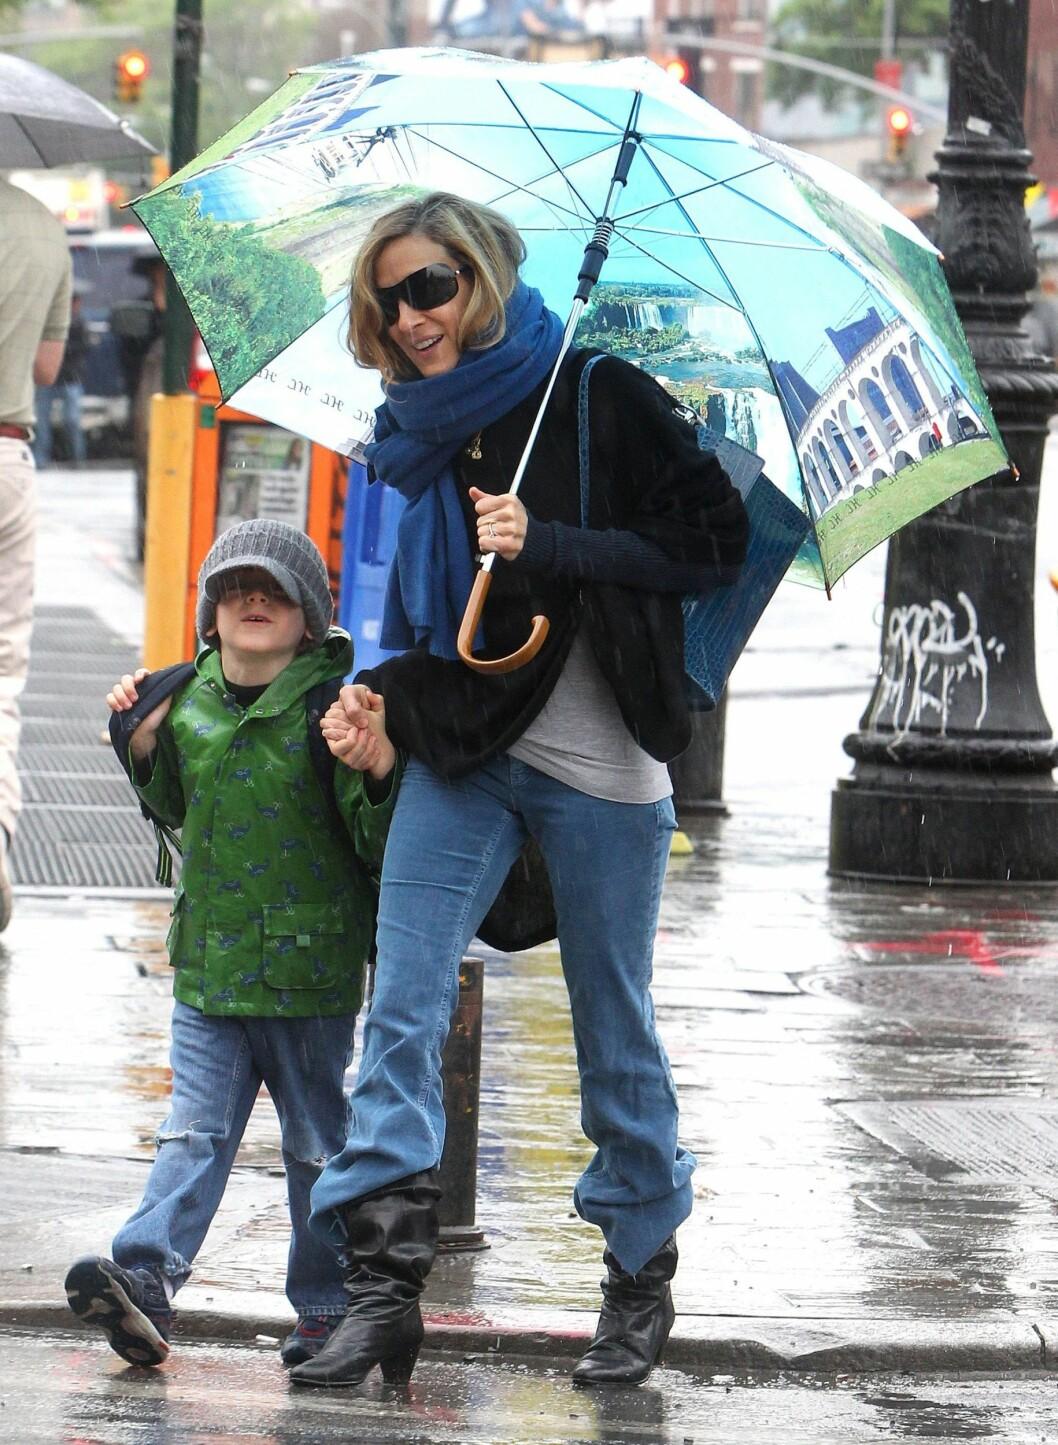 Sex og Singelliv-skuespiller og fashionista Sarah Jessica Parker i diger paraply med print. Foto: All Over Press